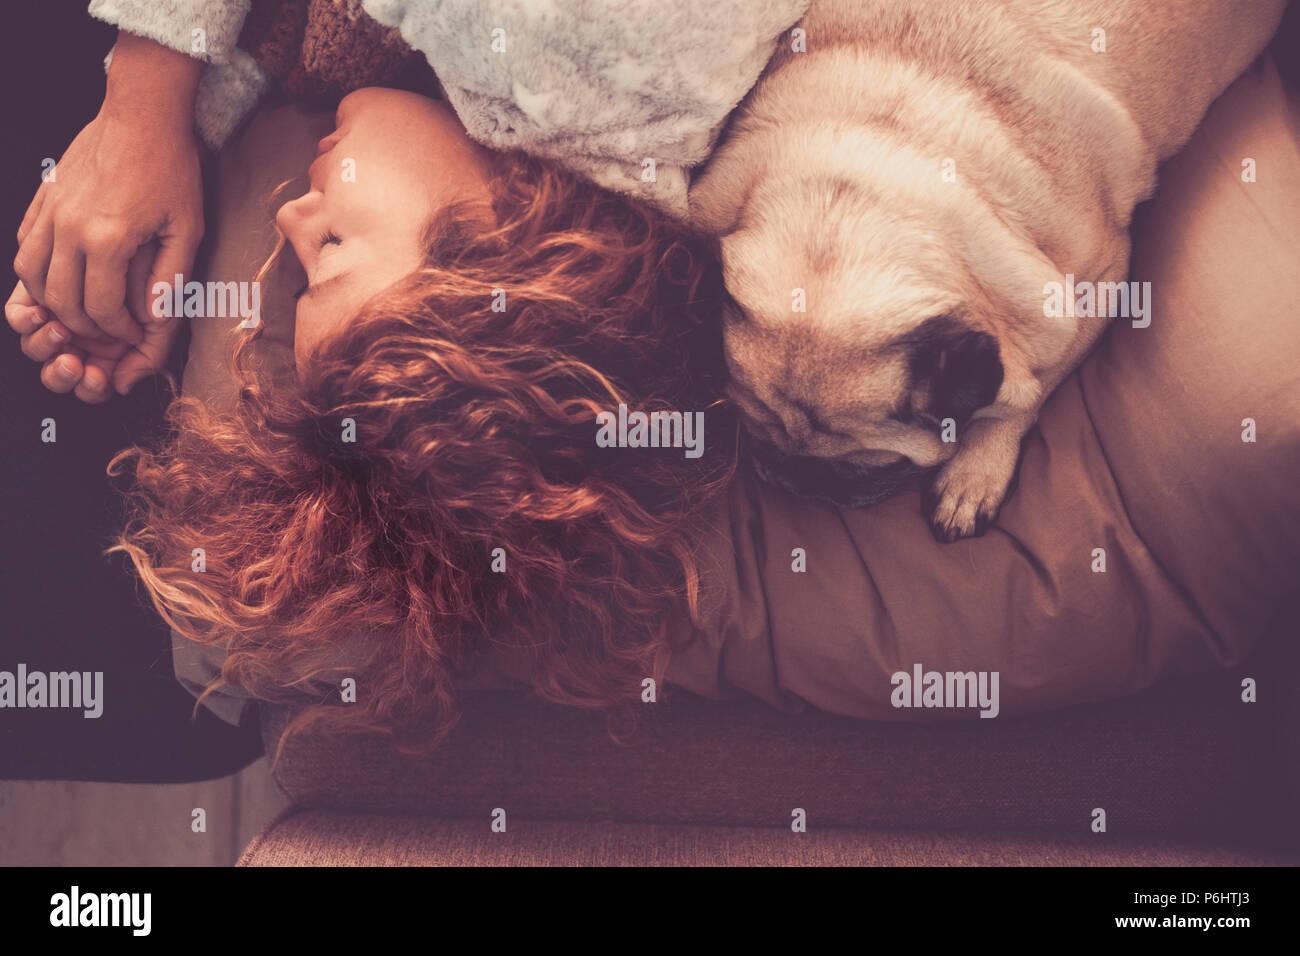 O conceito de amizade e o relacionamento com a jovem mulher bonita e agradável cão pug dormindo juntos na cama na manhã. mais próximo com amor e swee Imagens de Stock